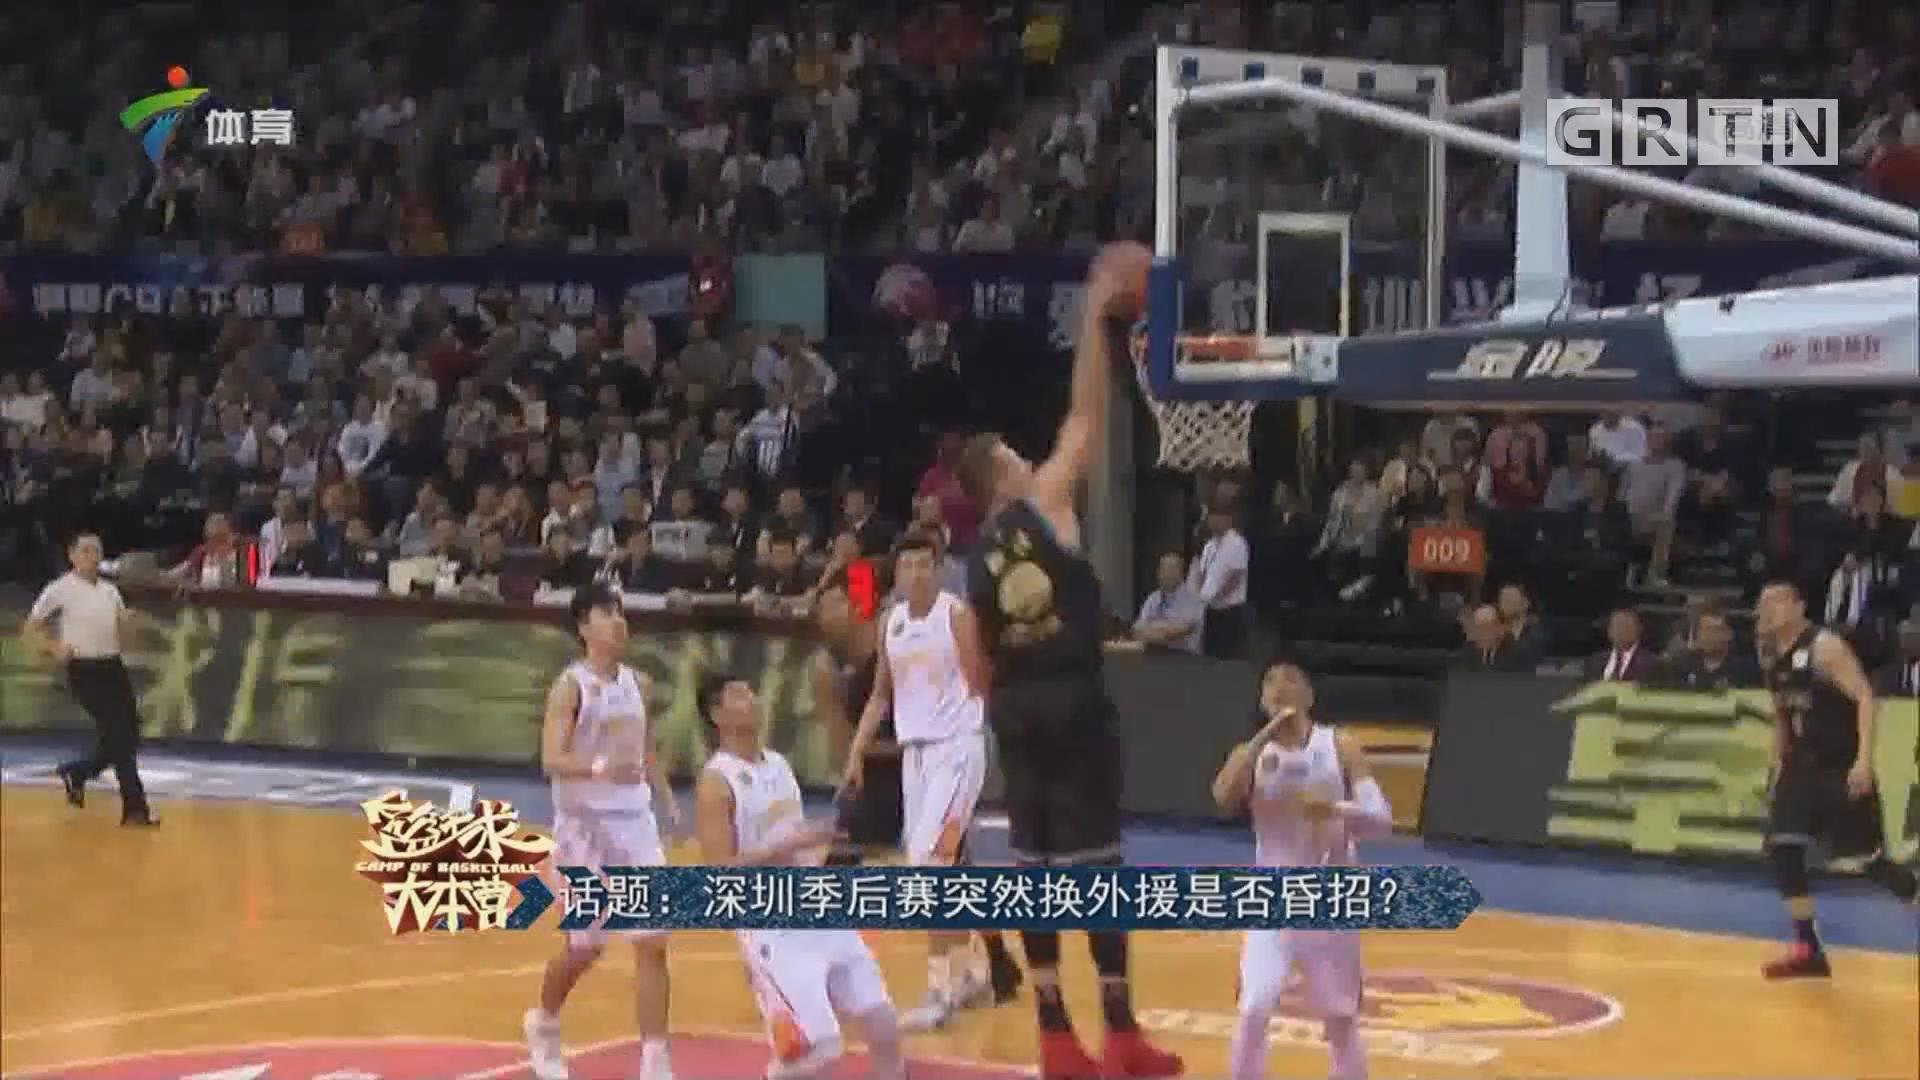 话题:深圳季后赛突然换外援是否昏招?